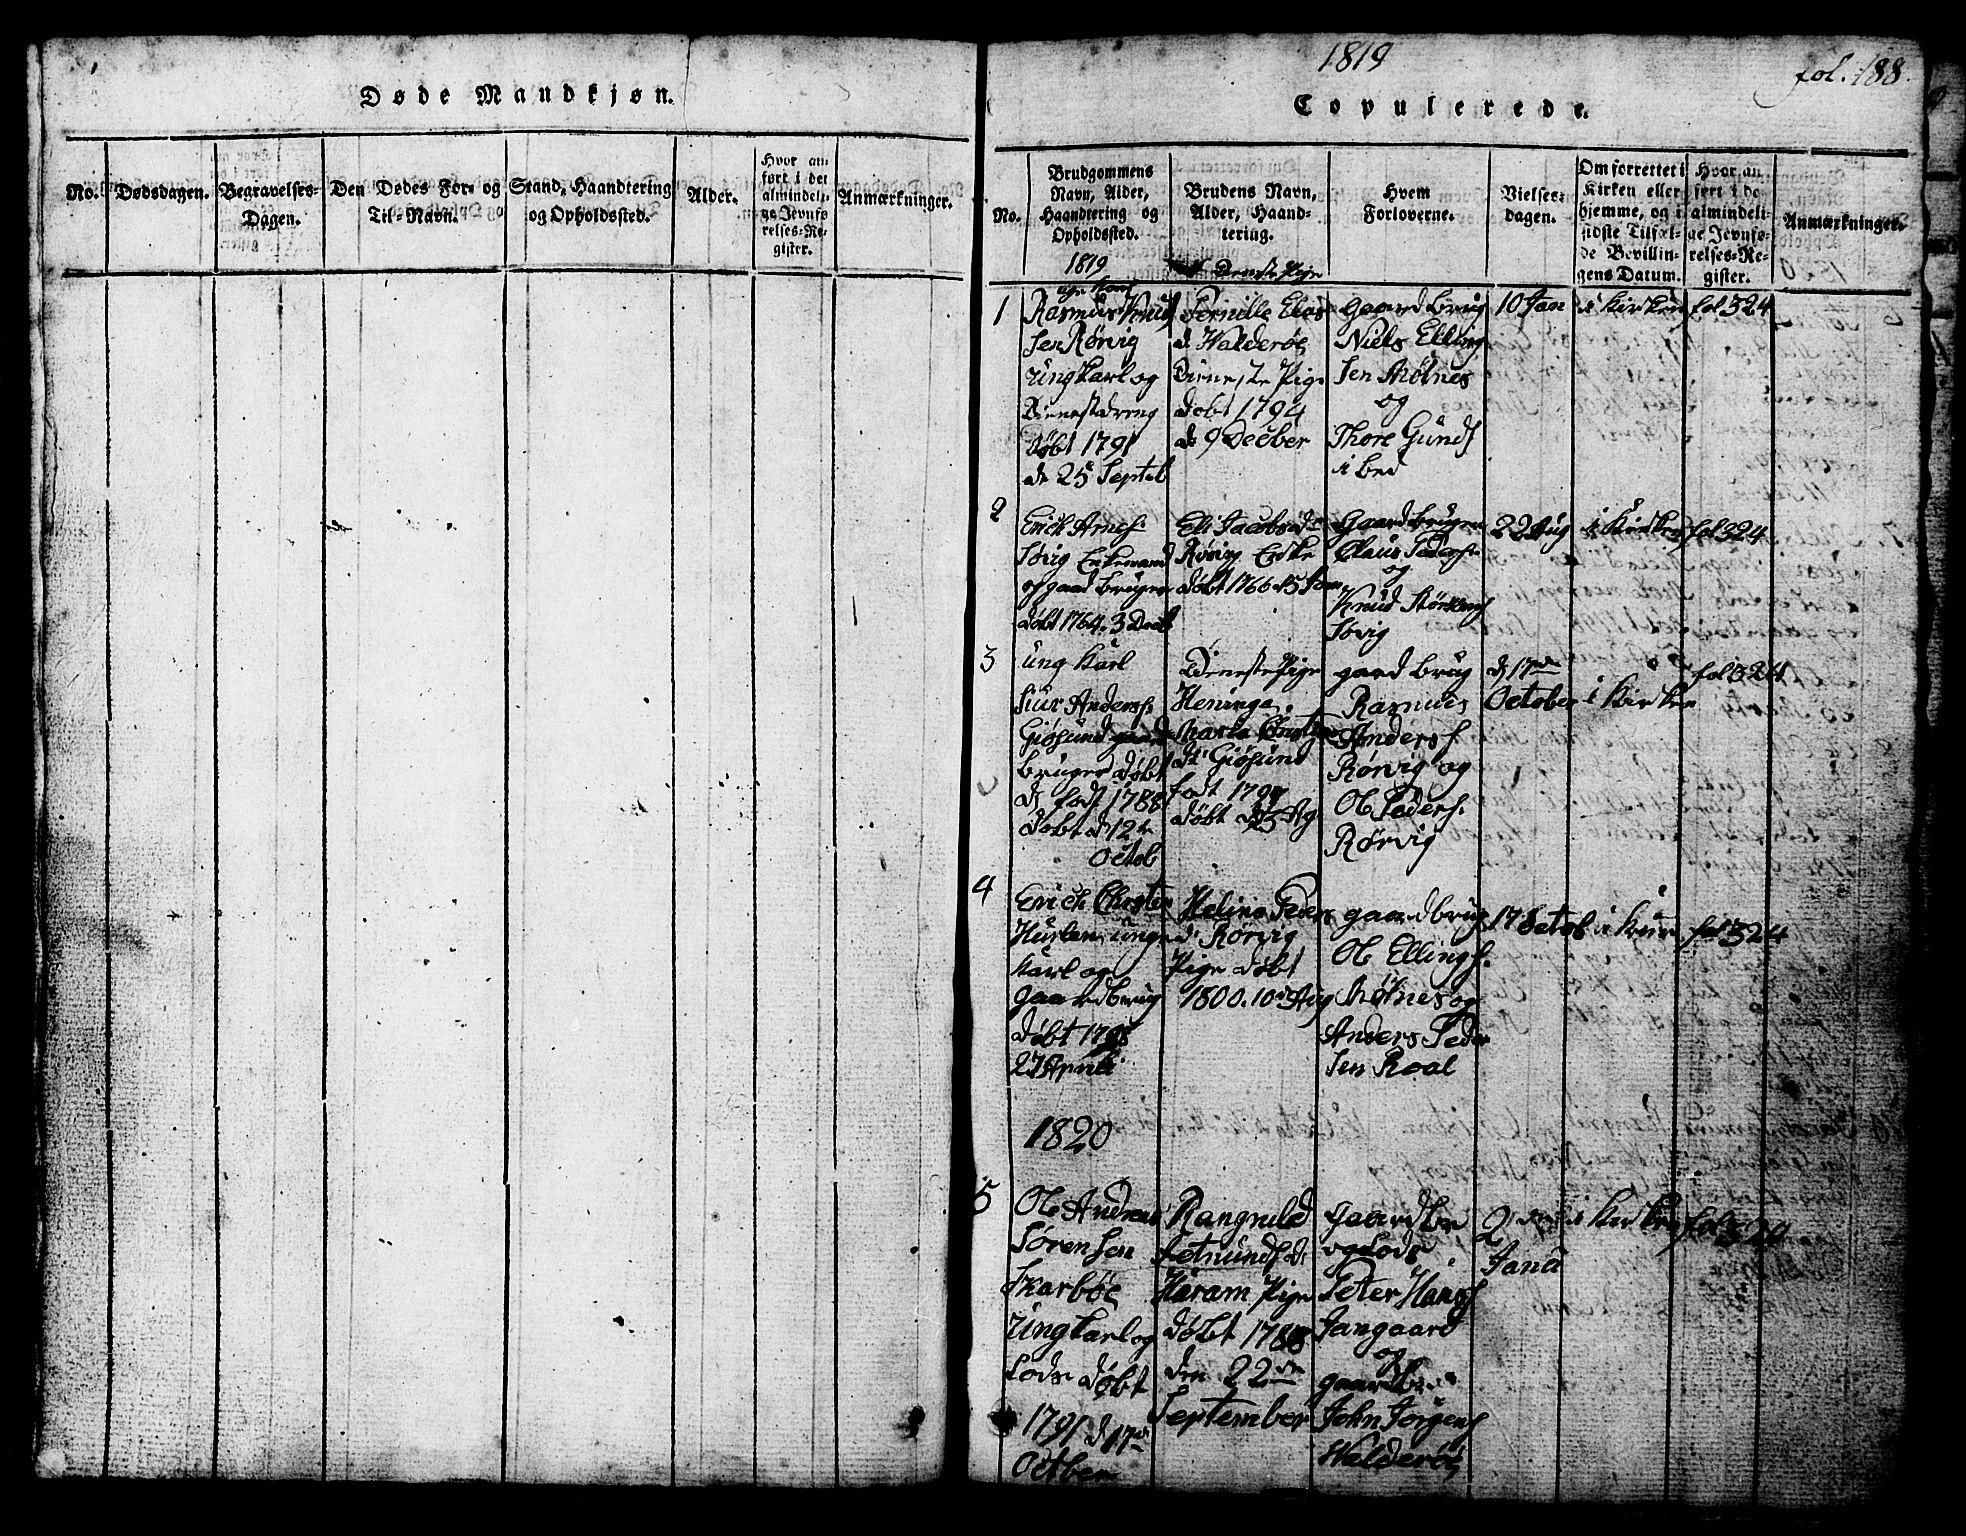 SAT, Ministerialprotokoller, klokkerbøker og fødselsregistre - Møre og Romsdal, 537/L0520: Klokkerbok nr. 537C01, 1819-1868, s. 188